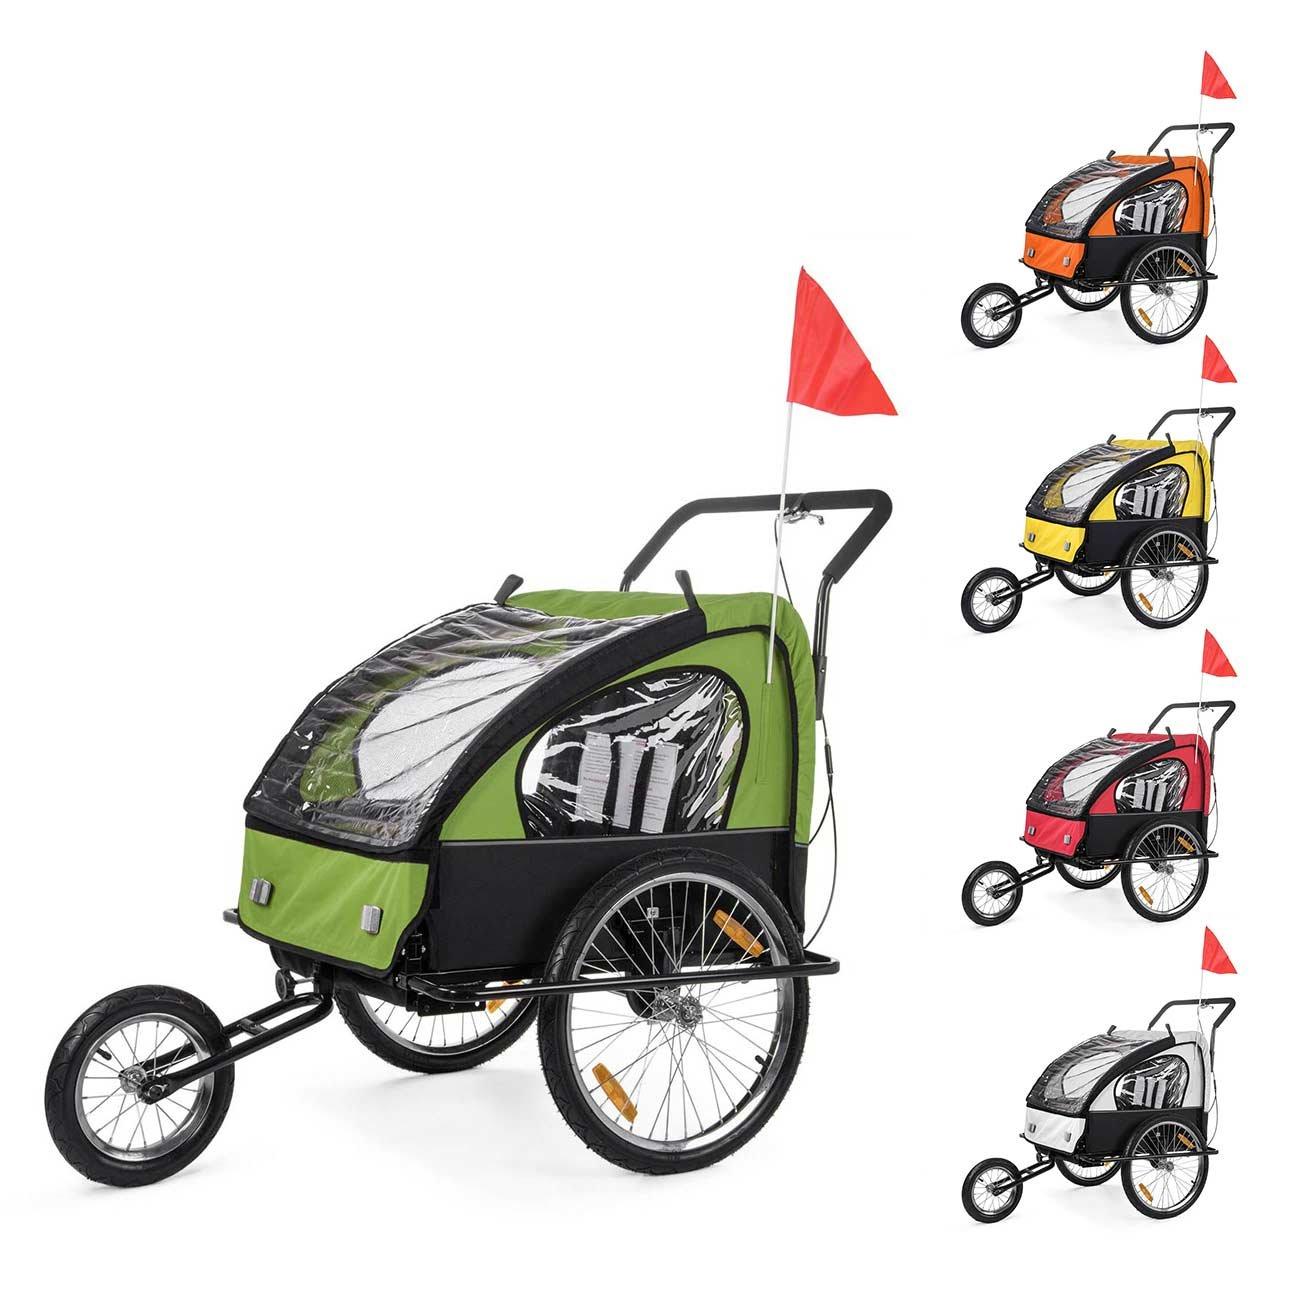 SAMAX Remolque de Bicicleta para Niños Kit de Footing Transportín Silla Cochecito Carro Suspensíon Infantil Carro en Amarillo/Negro - Black Frame